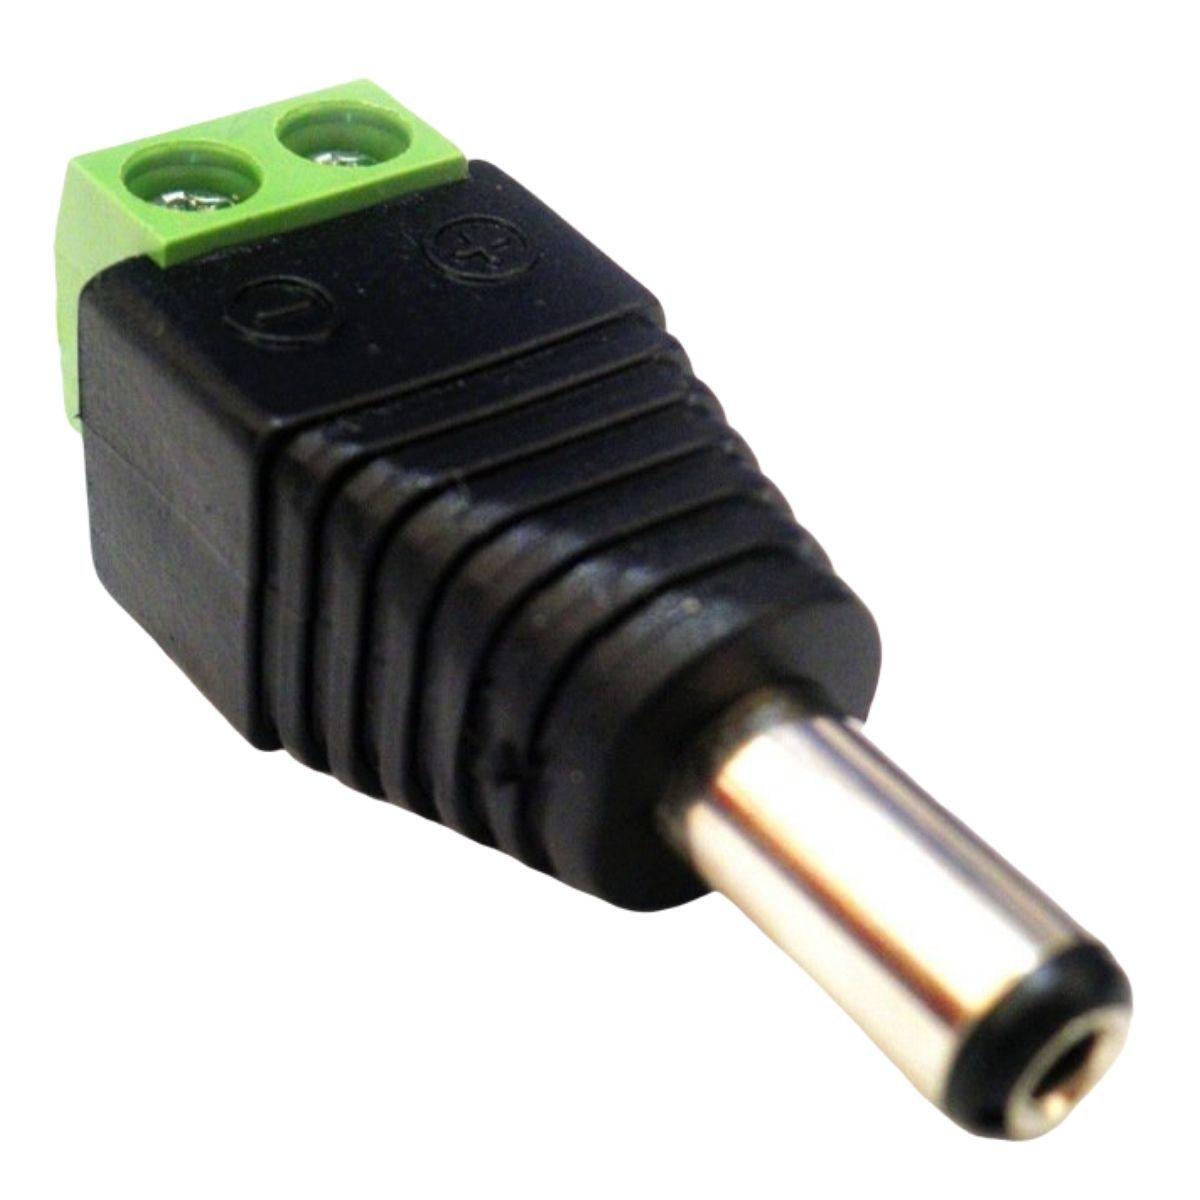 KIT CONECTOR P4 MACHO COM BORNE COM 10 UNIDADES